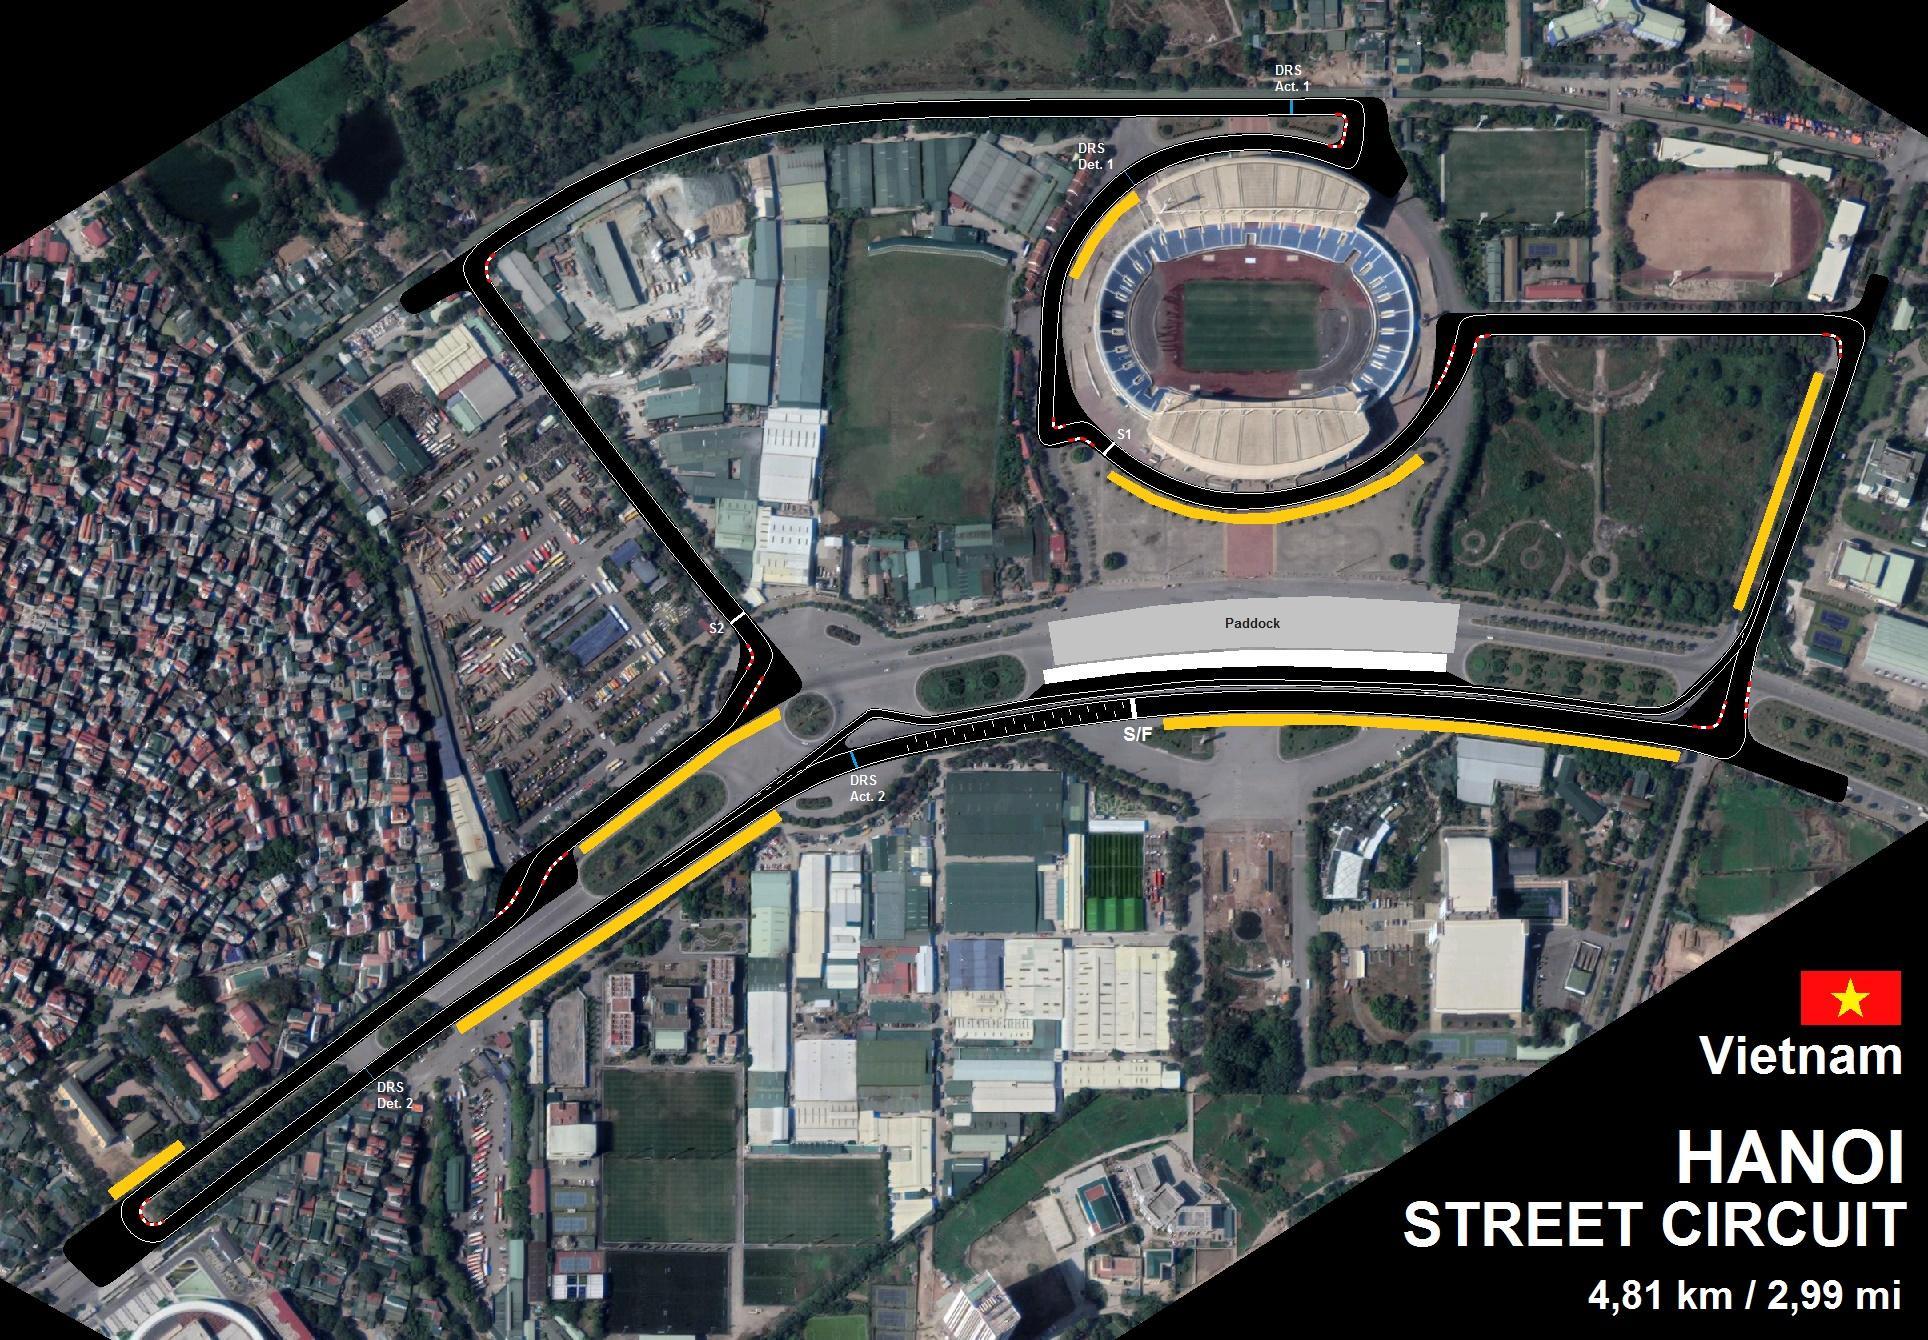 Vietnam organizará en 2020 su primer Gran Premio de Fórmula 1